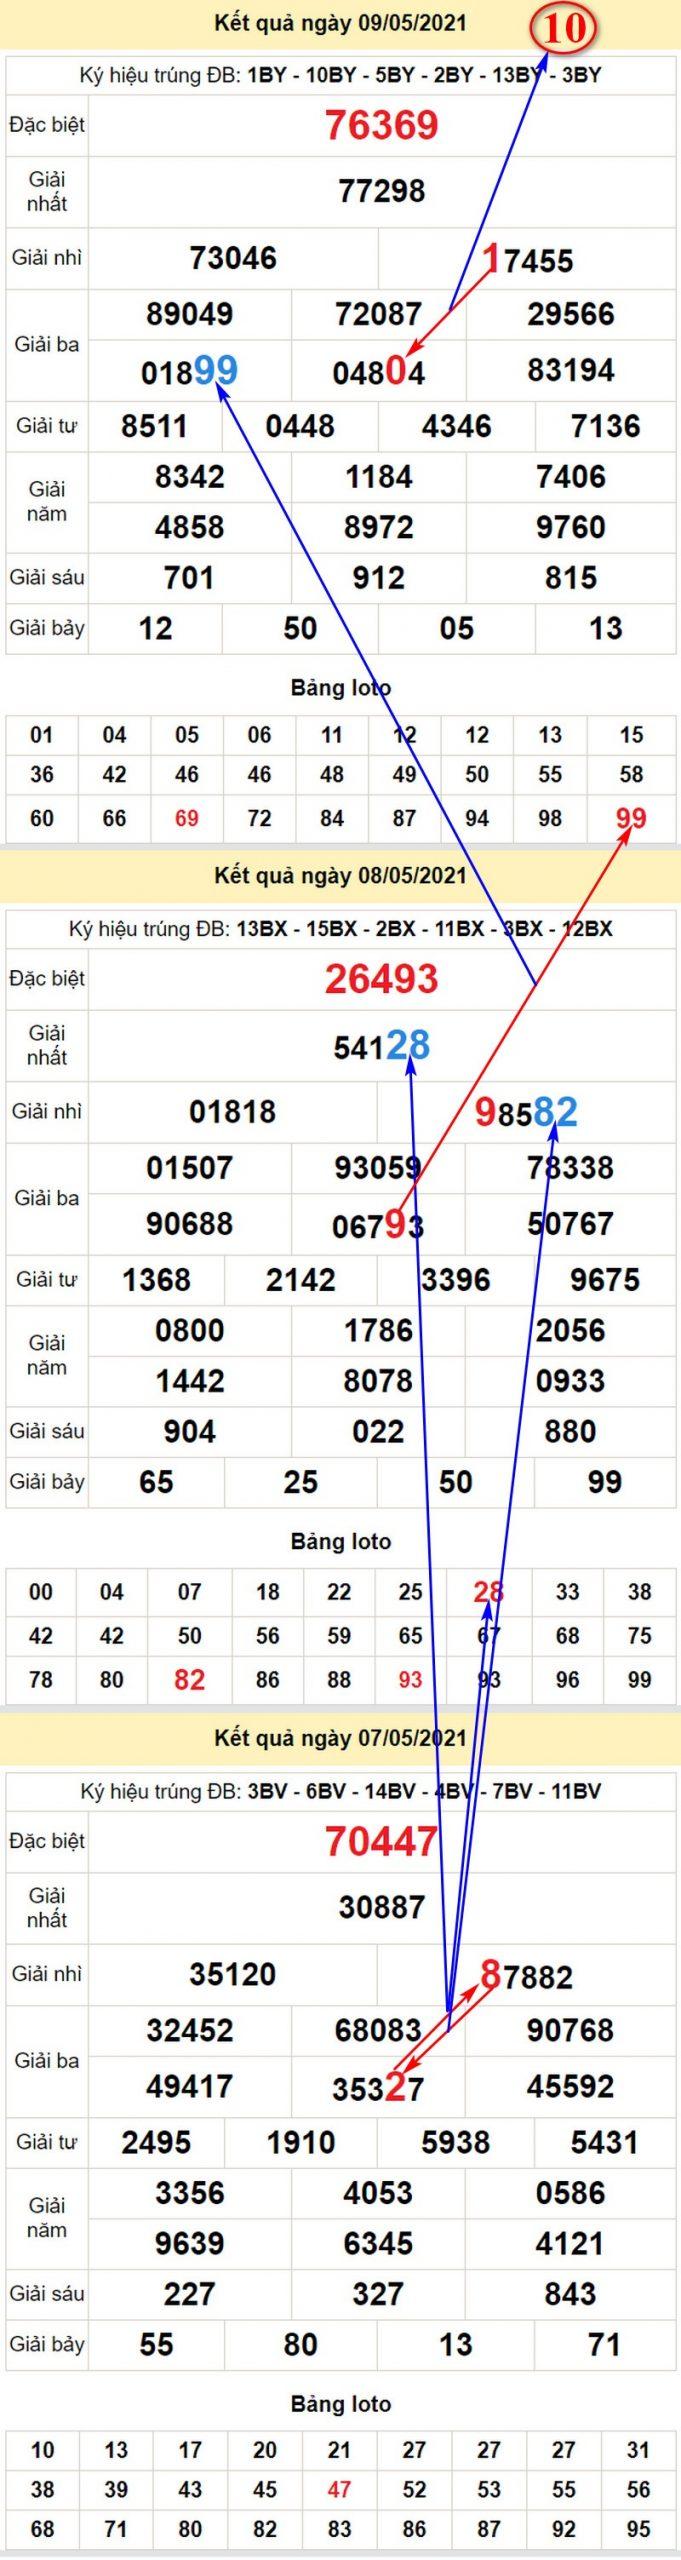 Soi cầu dự đoán XSMB hôm nay T2 ngày 10/5/2021